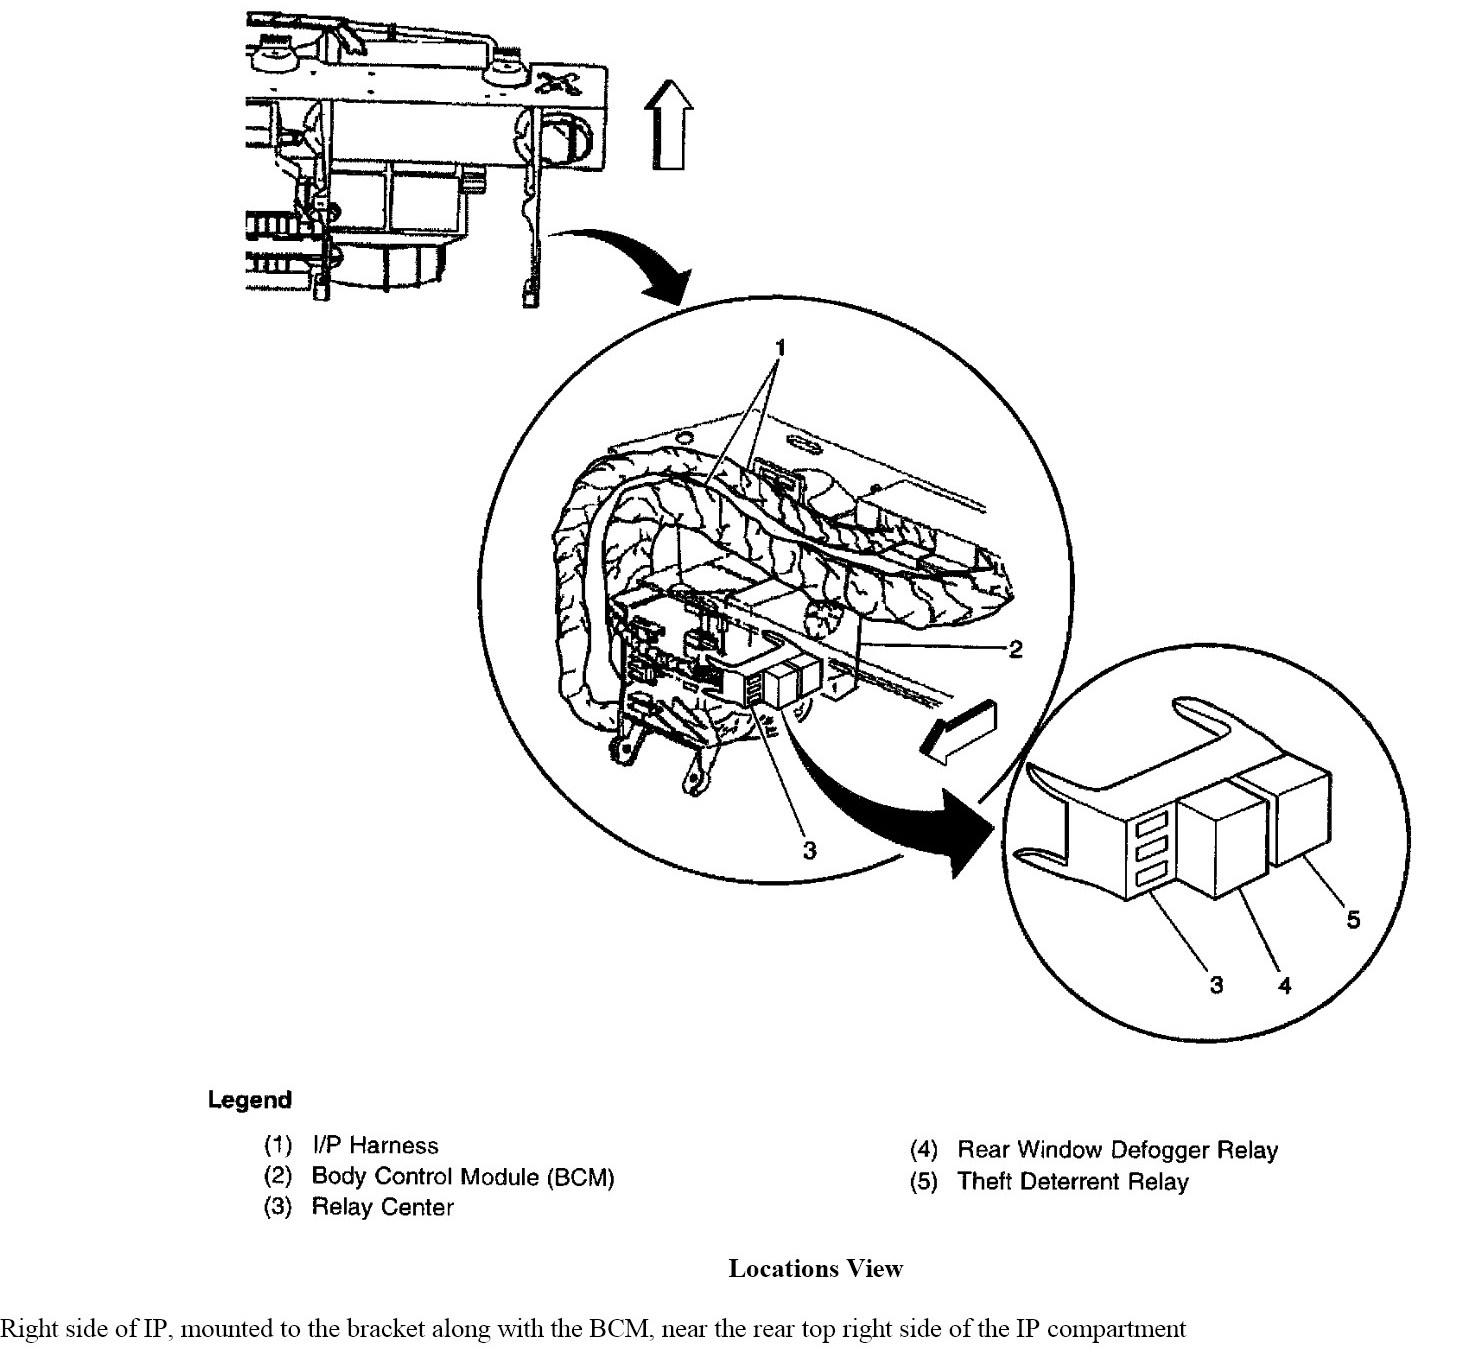 2001 Chevy Venture   Fuel Pump Quit   No Humming Noise